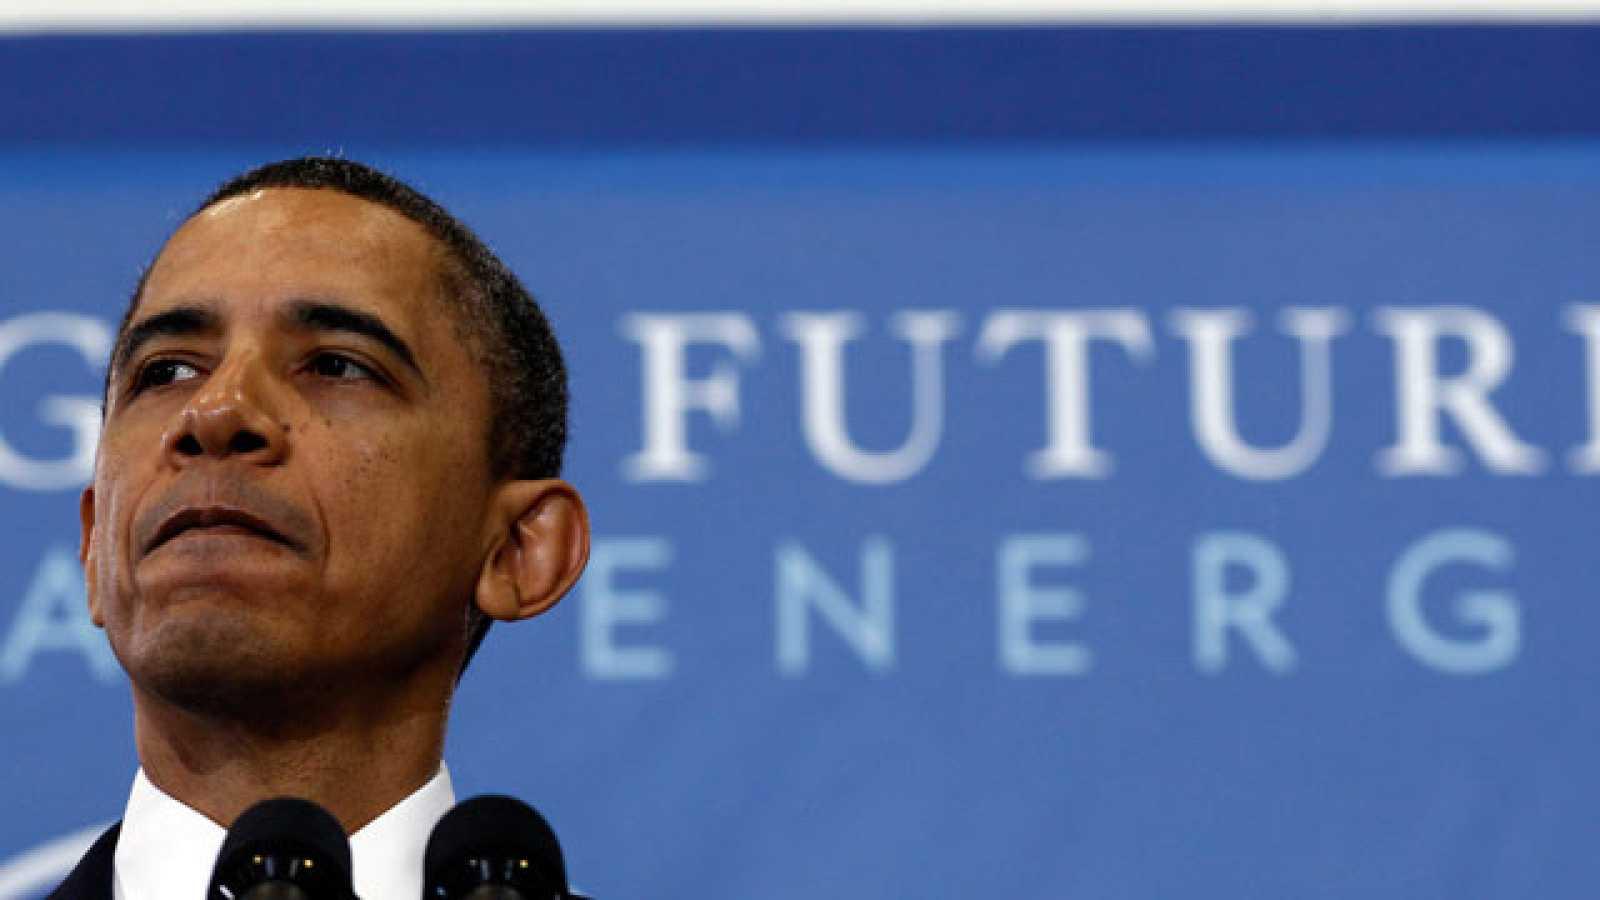 El presidente de EE.UU, Barack Obama ha avanzado su objetivo de reducir en un tercio las importaciones de petróleo para 2020. Además, la administración va a fijar nuevos niveles de eficiencia energética para los vehículos